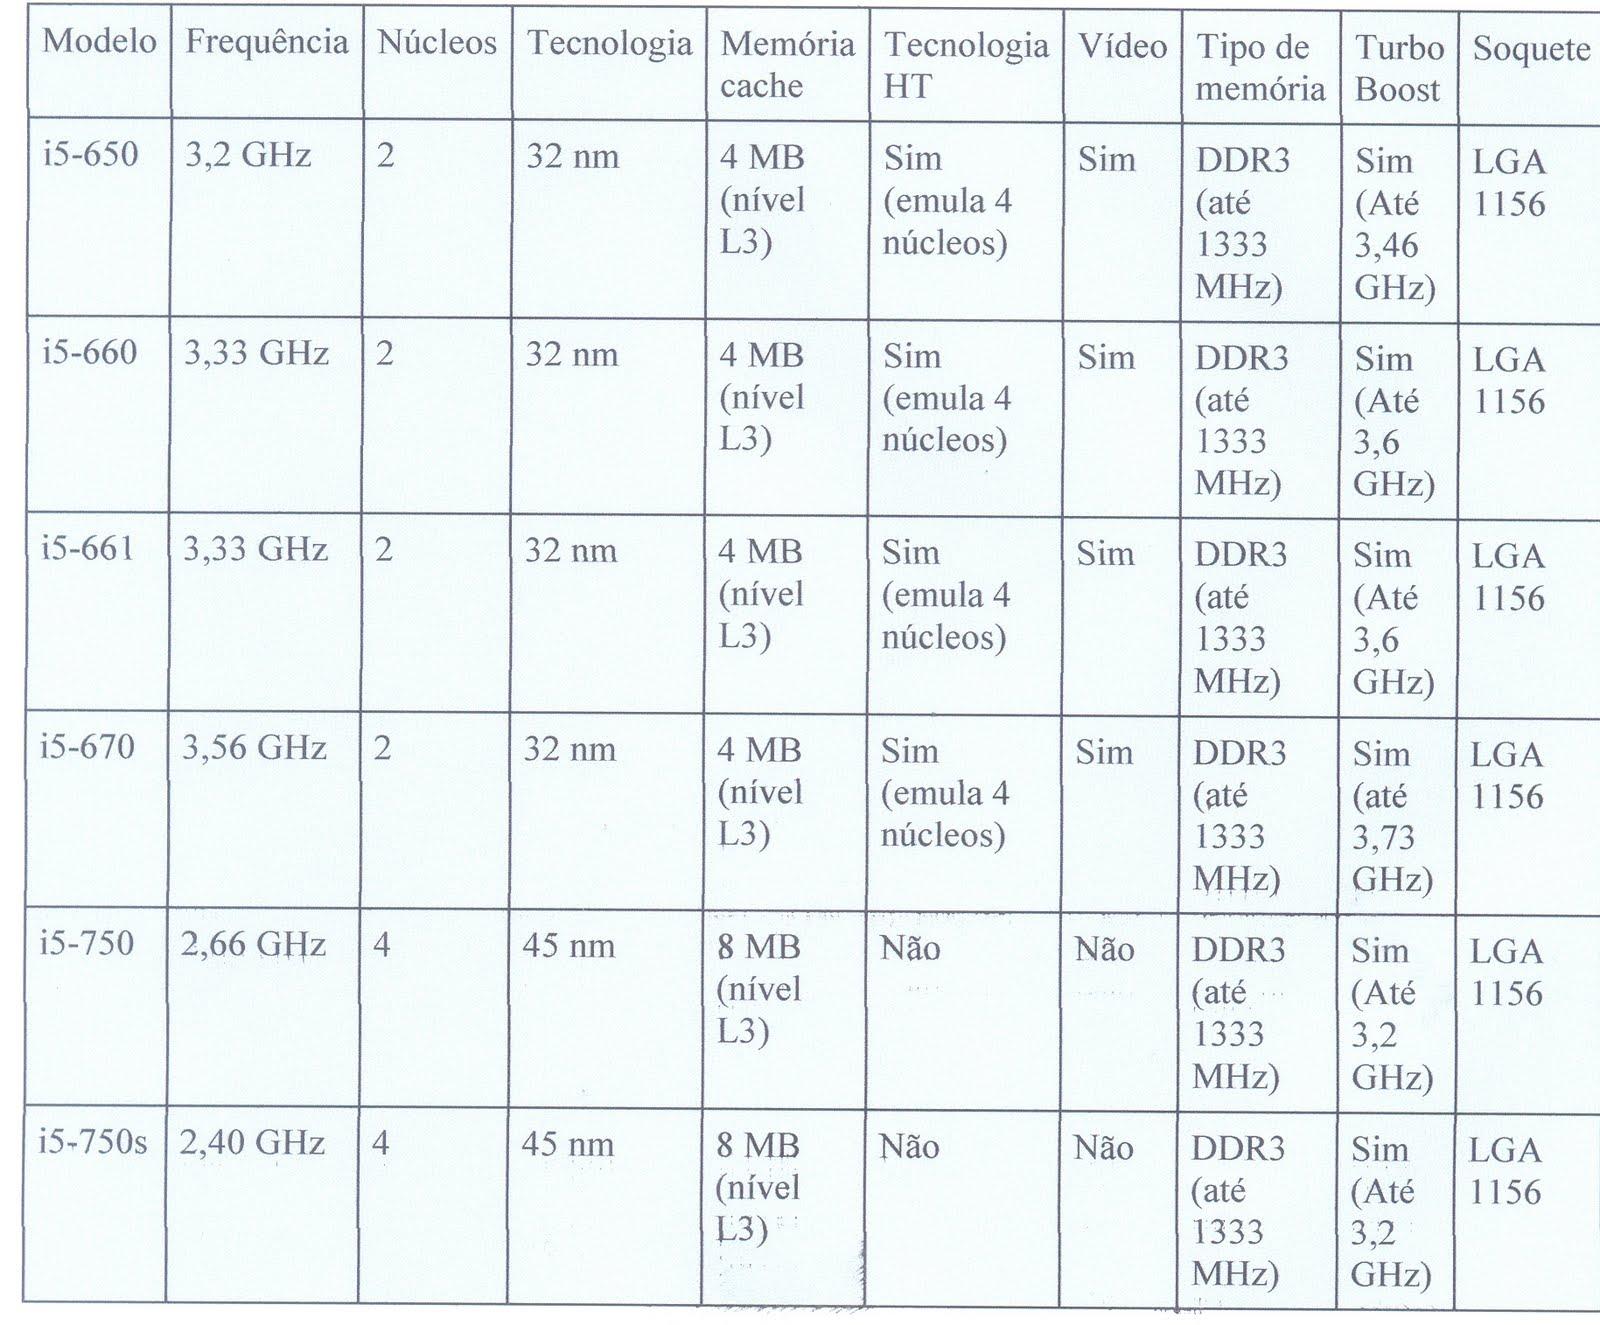 Os modelos disponíveis do processador Intel Core i5